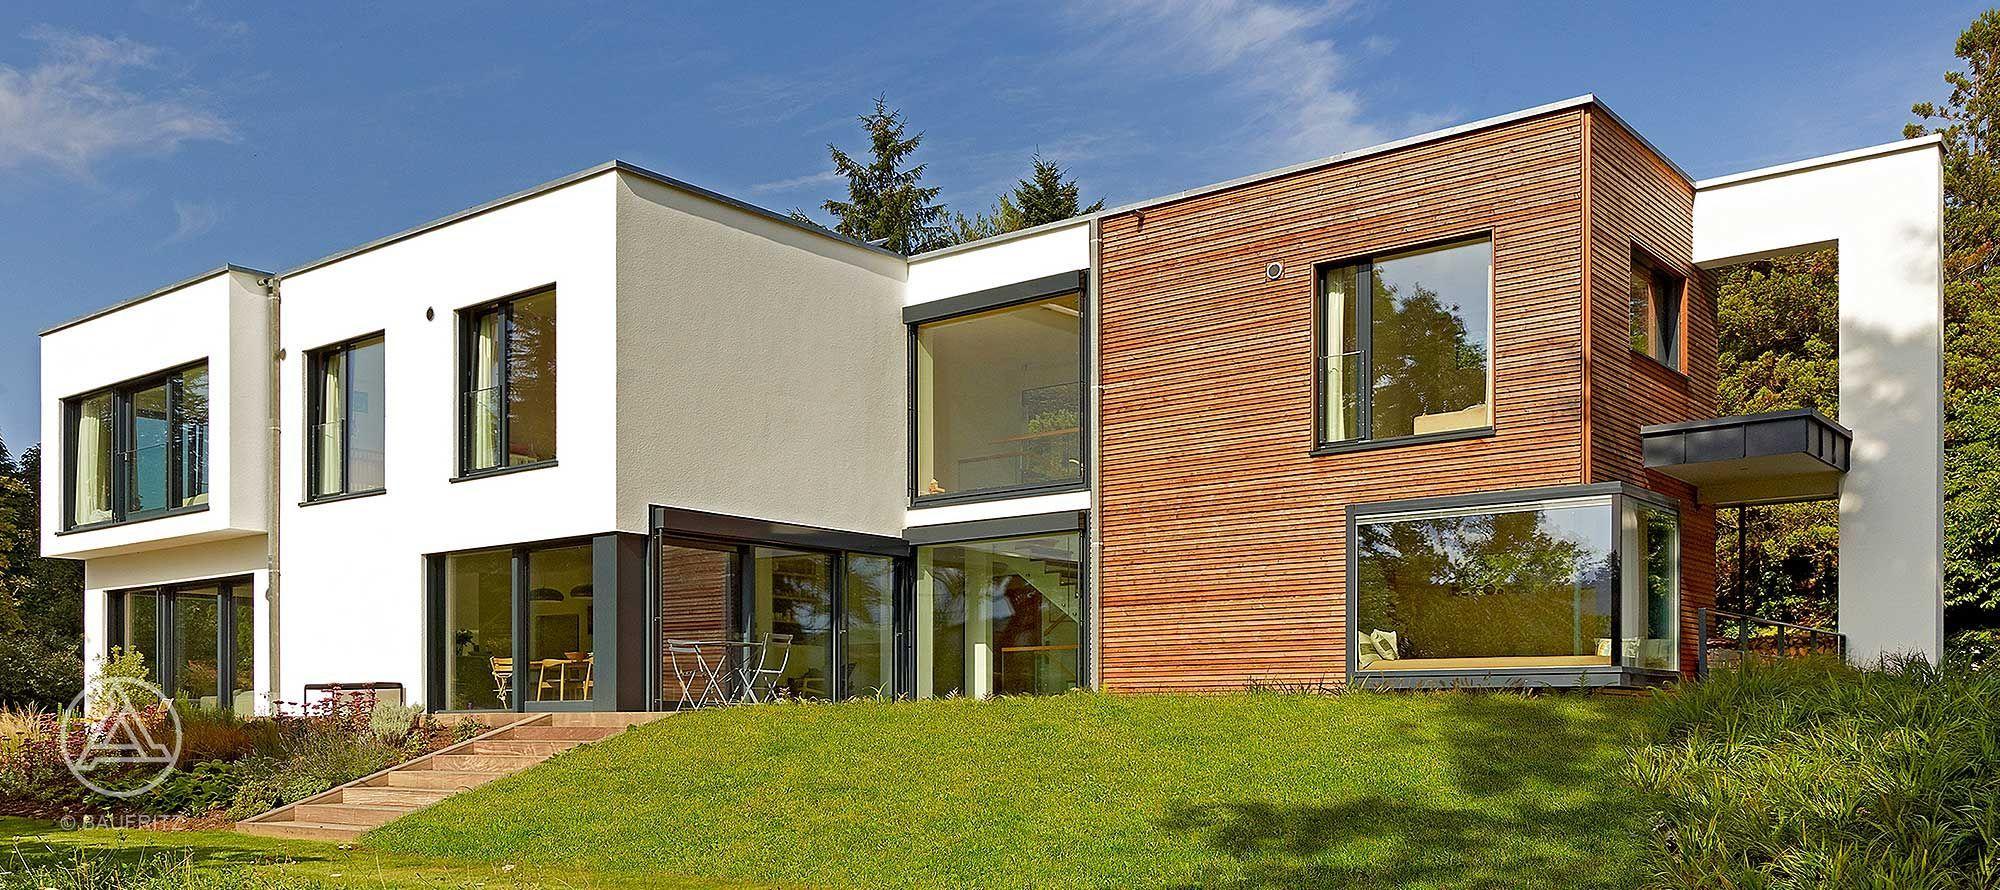 Architektur & Häuser | Ideen rund ums Haus | Pinterest | Architektur ...